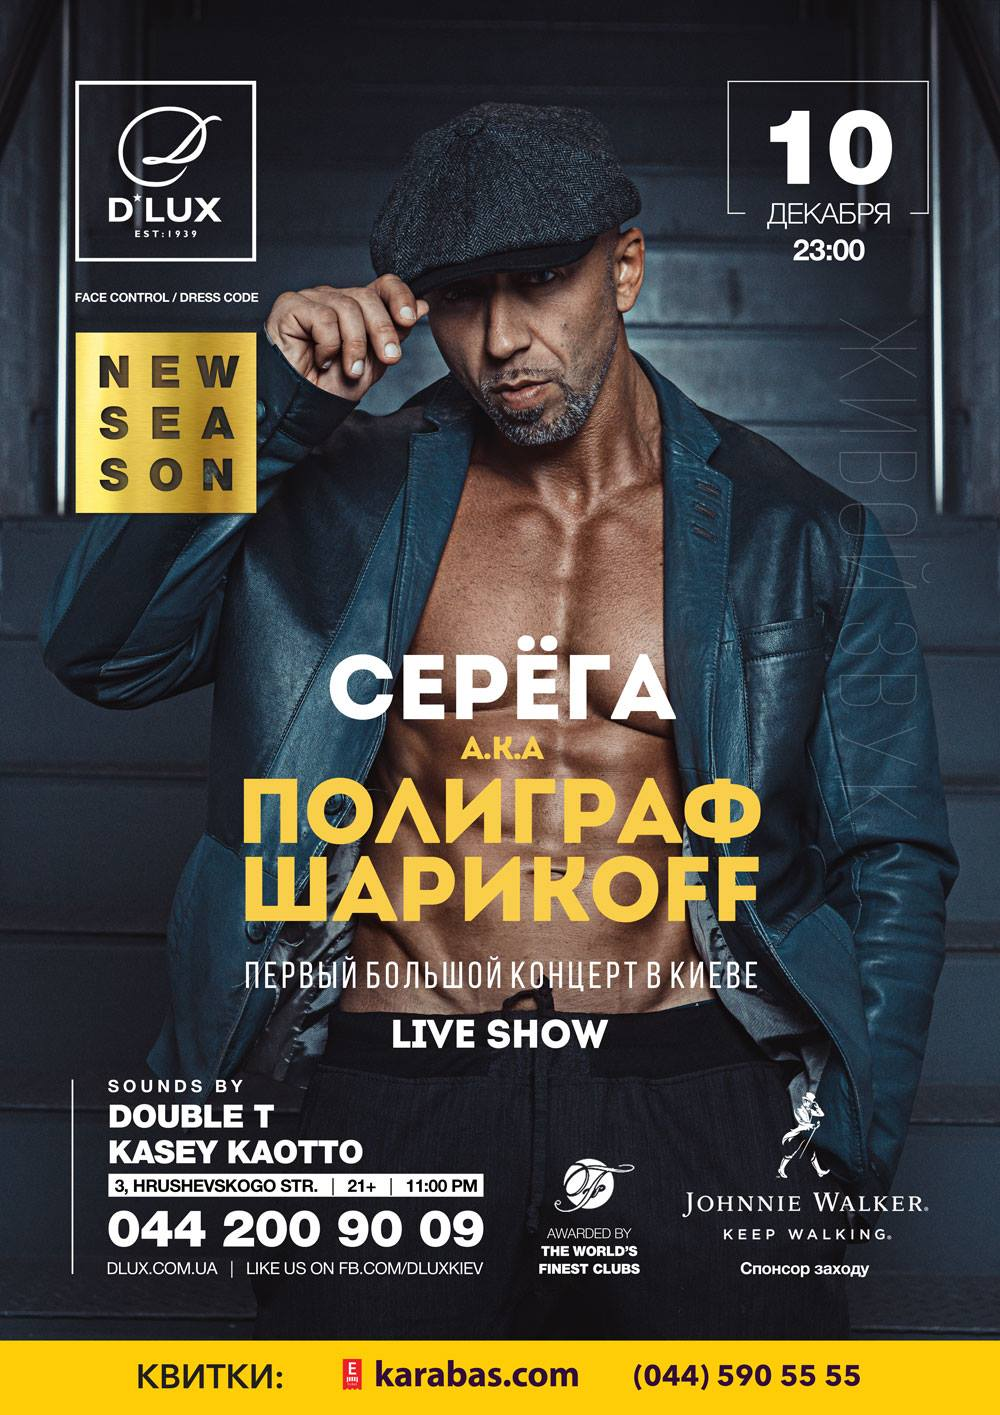 poligraf-sharikov-tolko-seks-skachat-besplatno